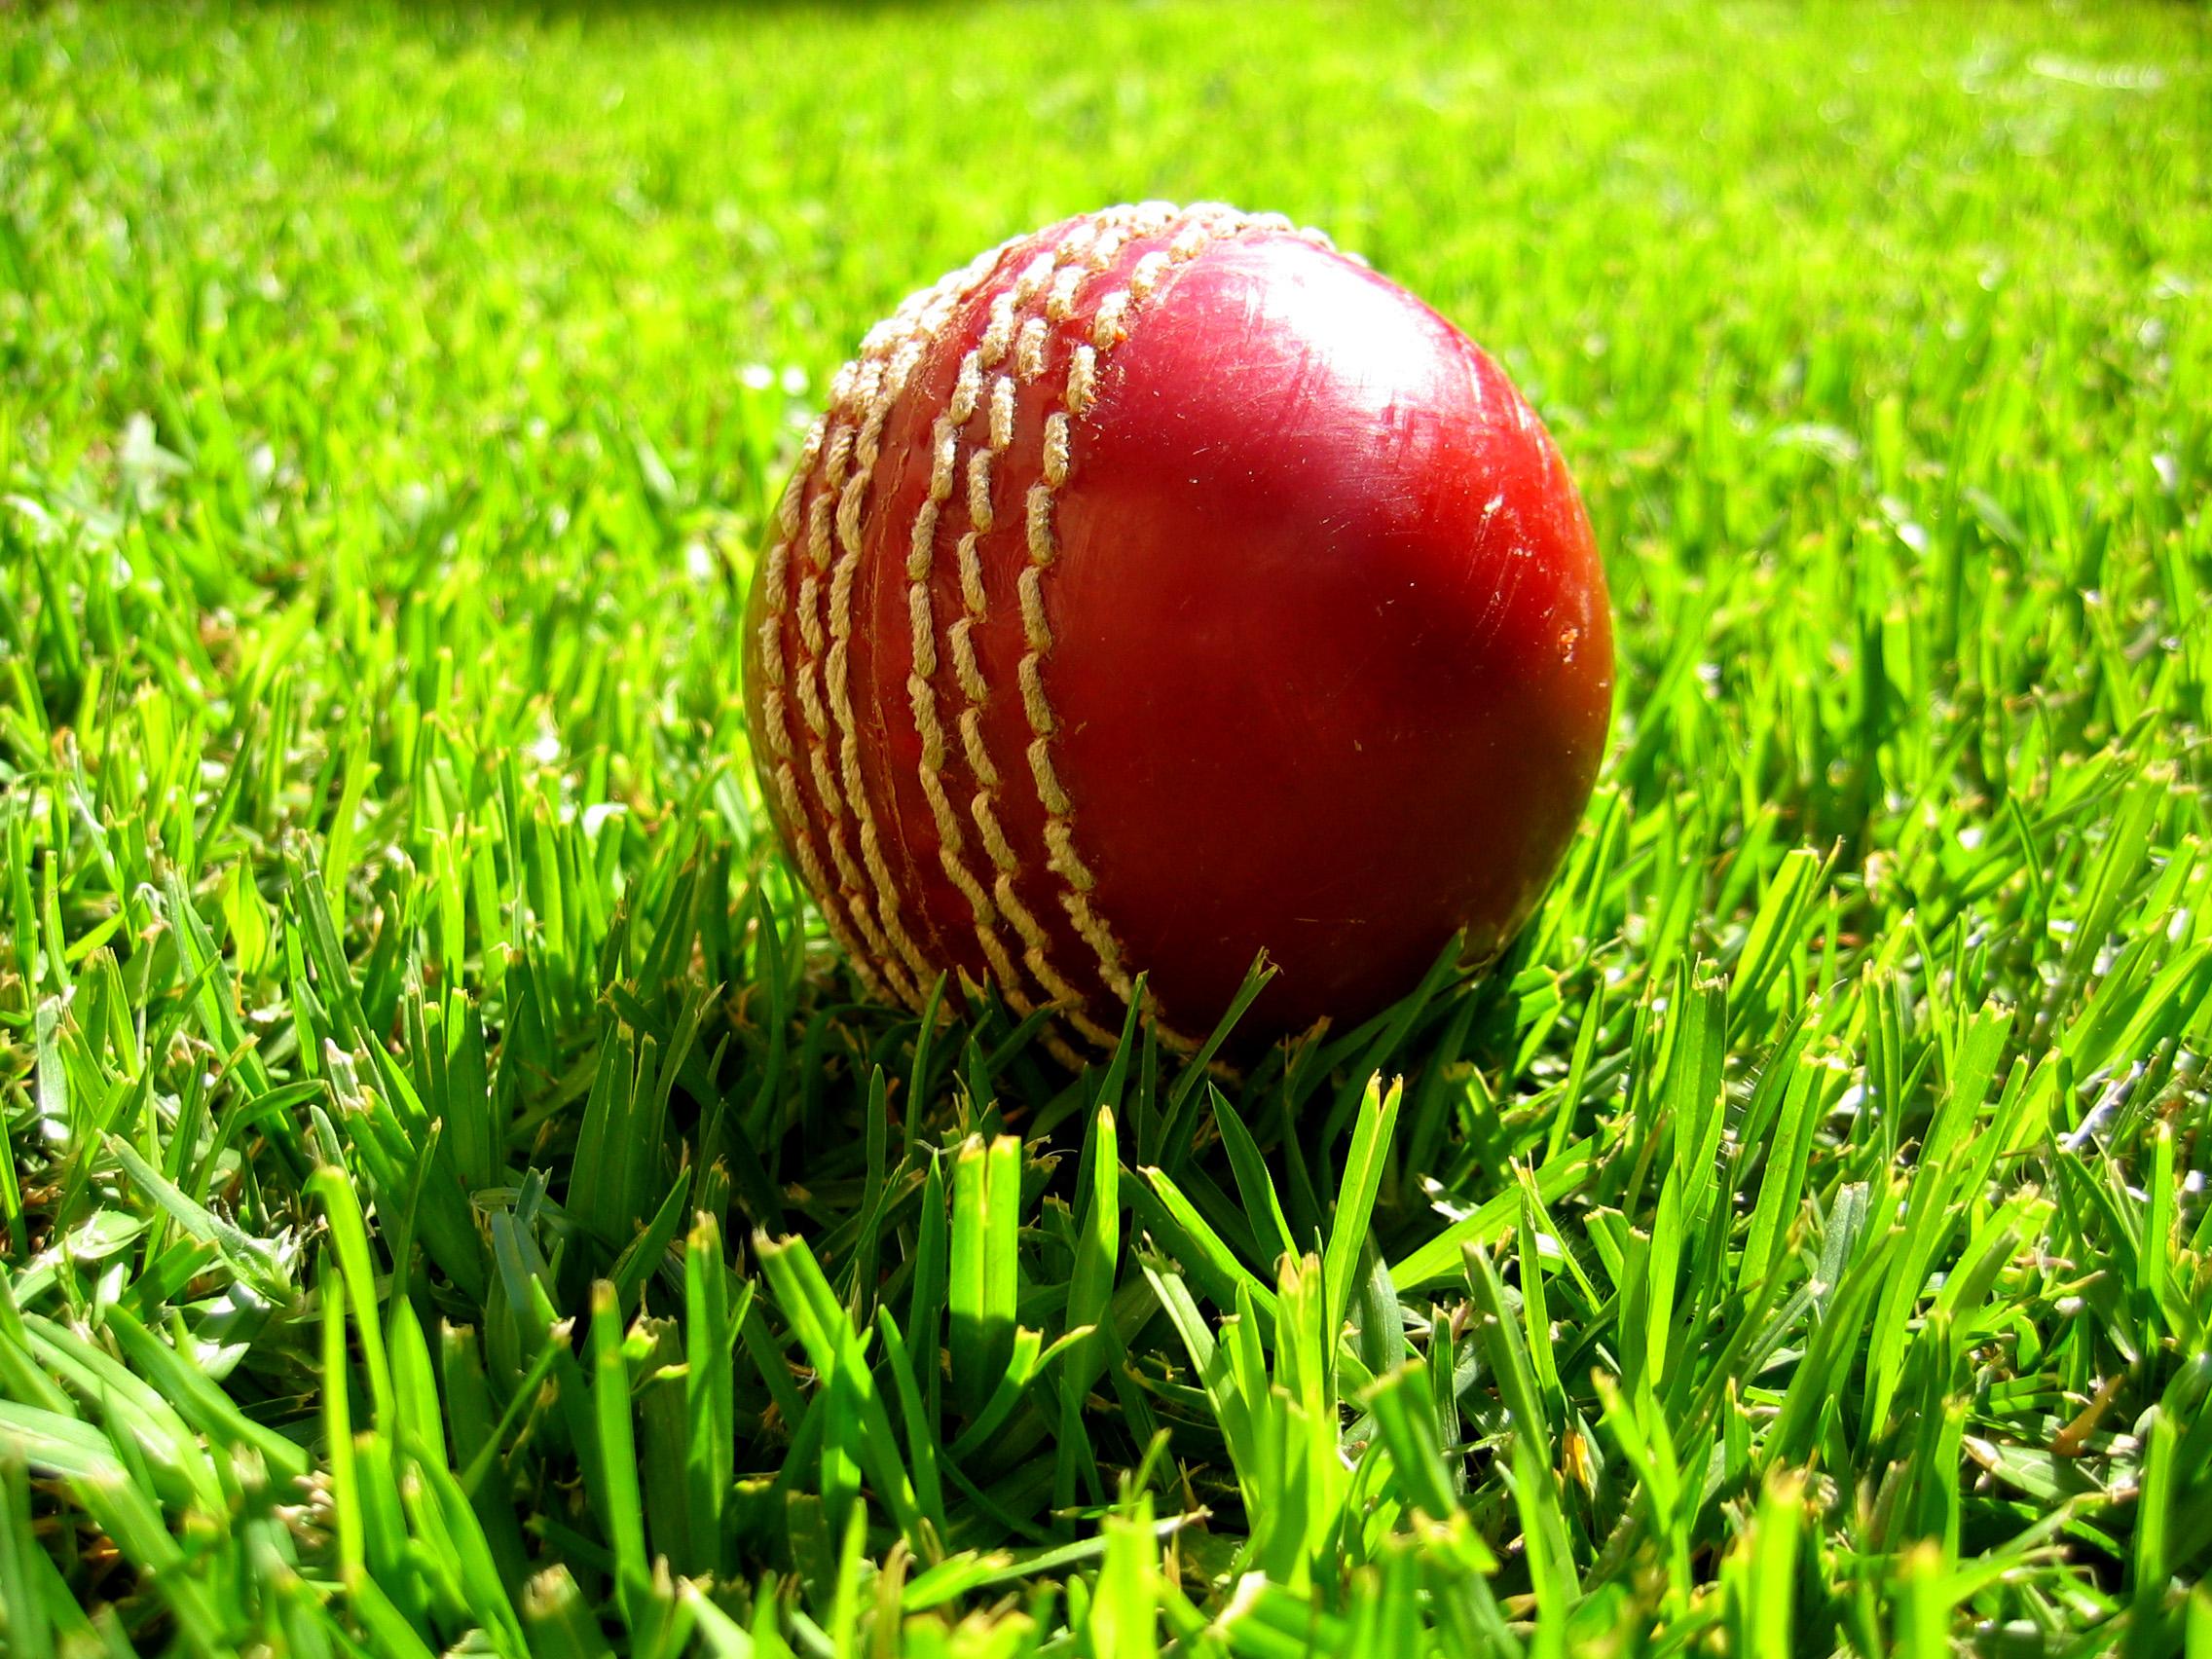 डोपिंग के डंक के कारण न्यूजीलैंड के इस क्रिकेटर पर लगा दो साल का प्रतिबंध